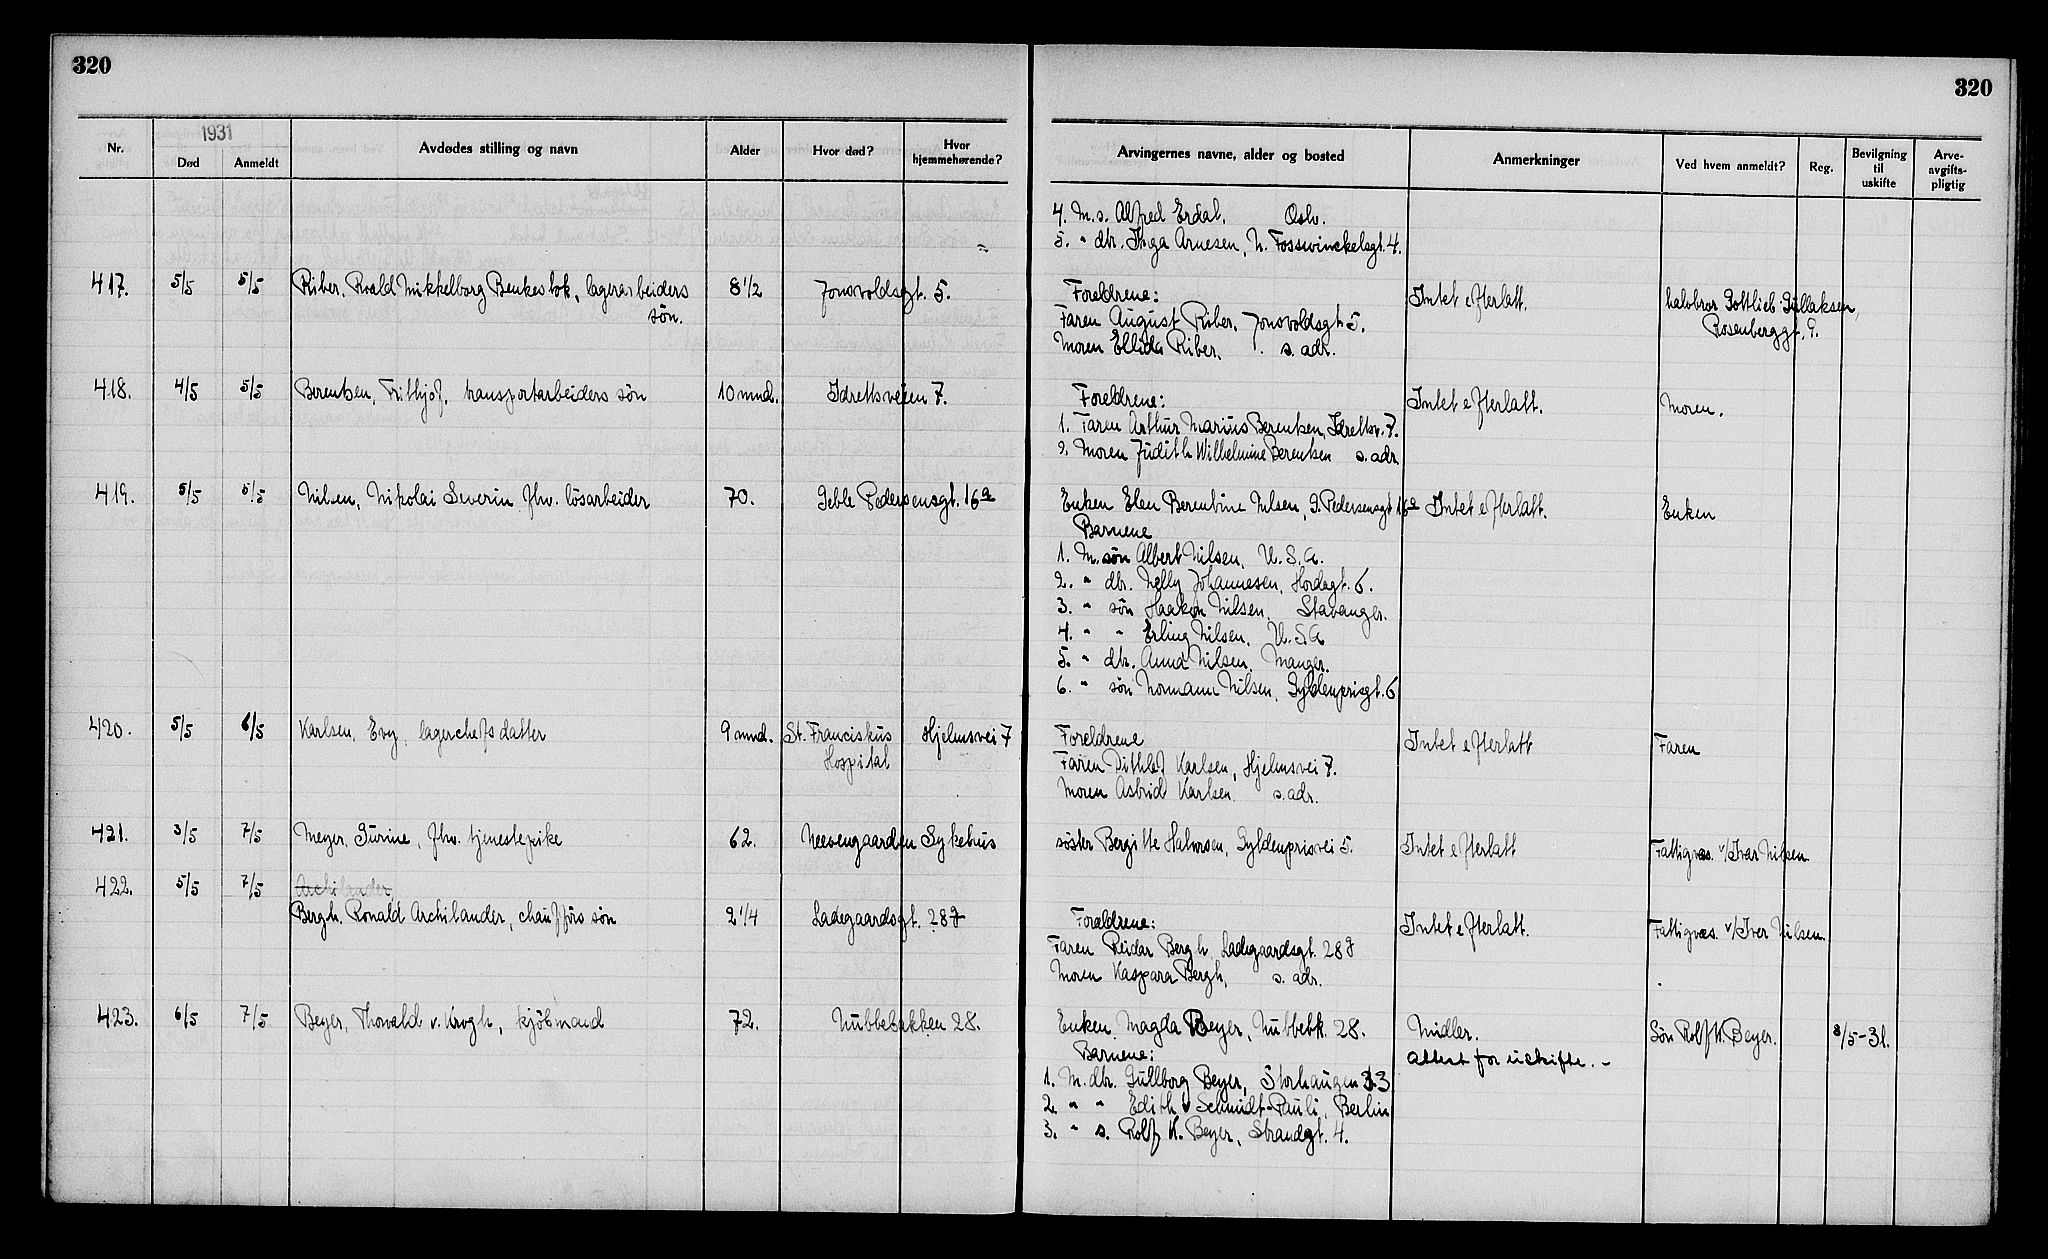 SAB, Byfogd og Byskriver i Bergen, 06/06Na/L0016: Dødsfallsjournaler, 1929-1931, s. 320